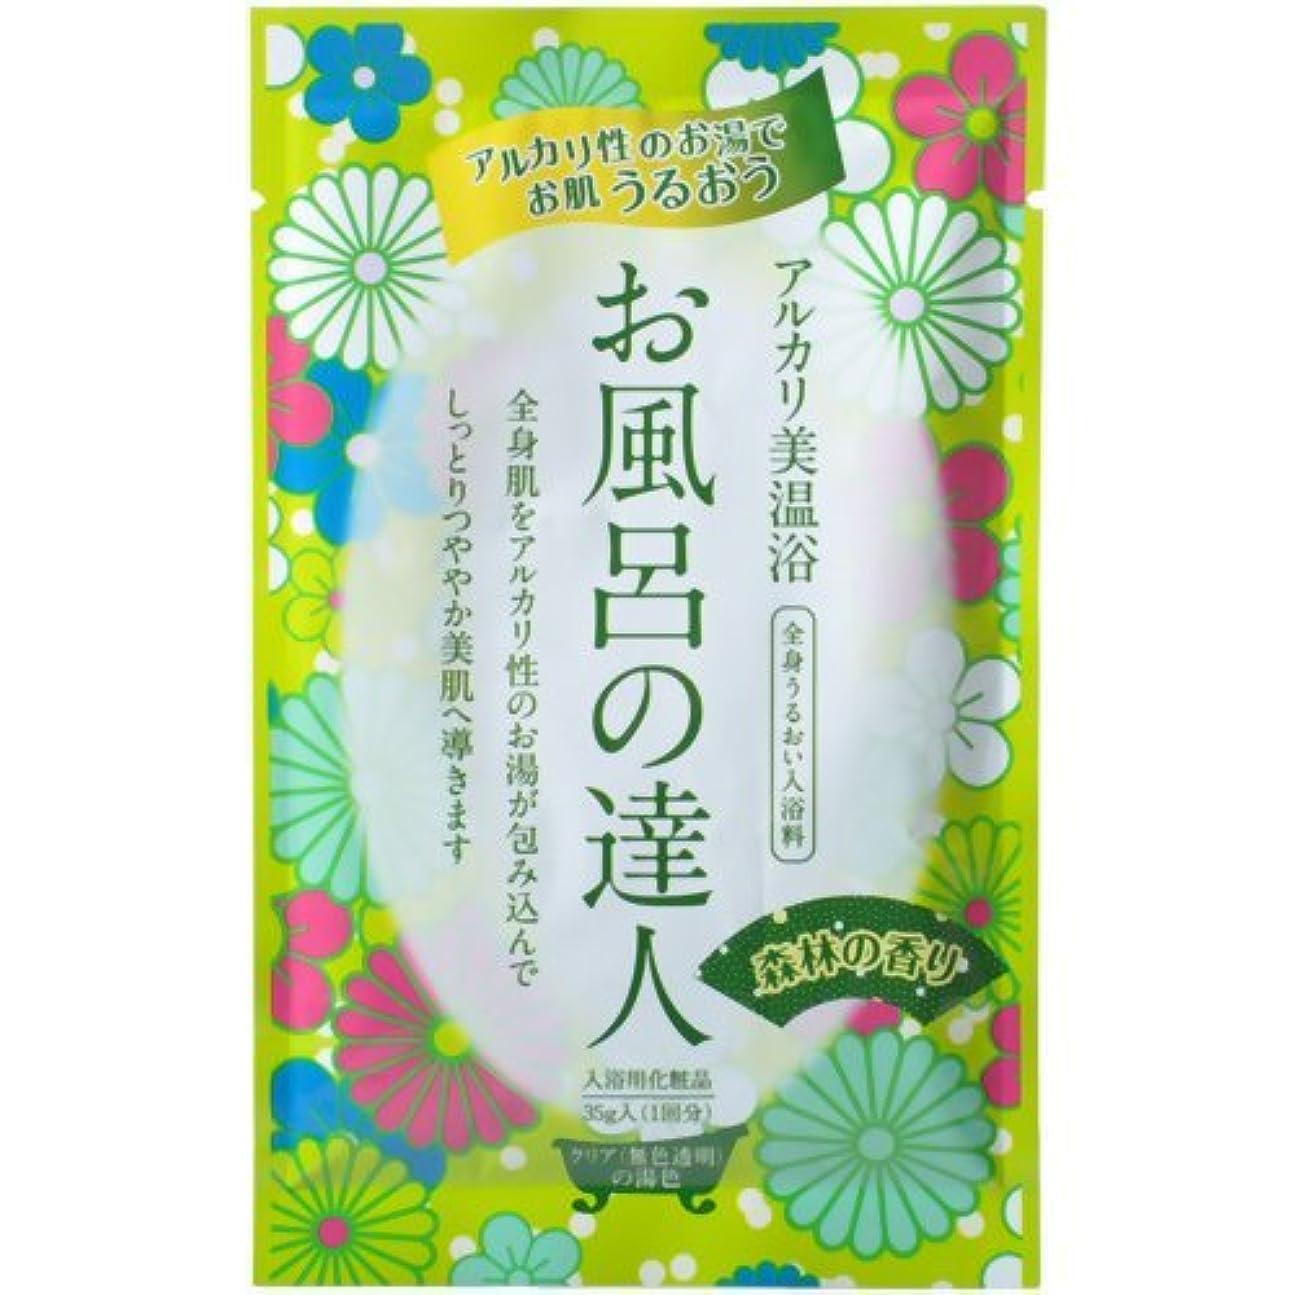 扱うオデュッセウスグリップ五洲薬品(株) お風呂の達人森林の香り 35G 入浴剤